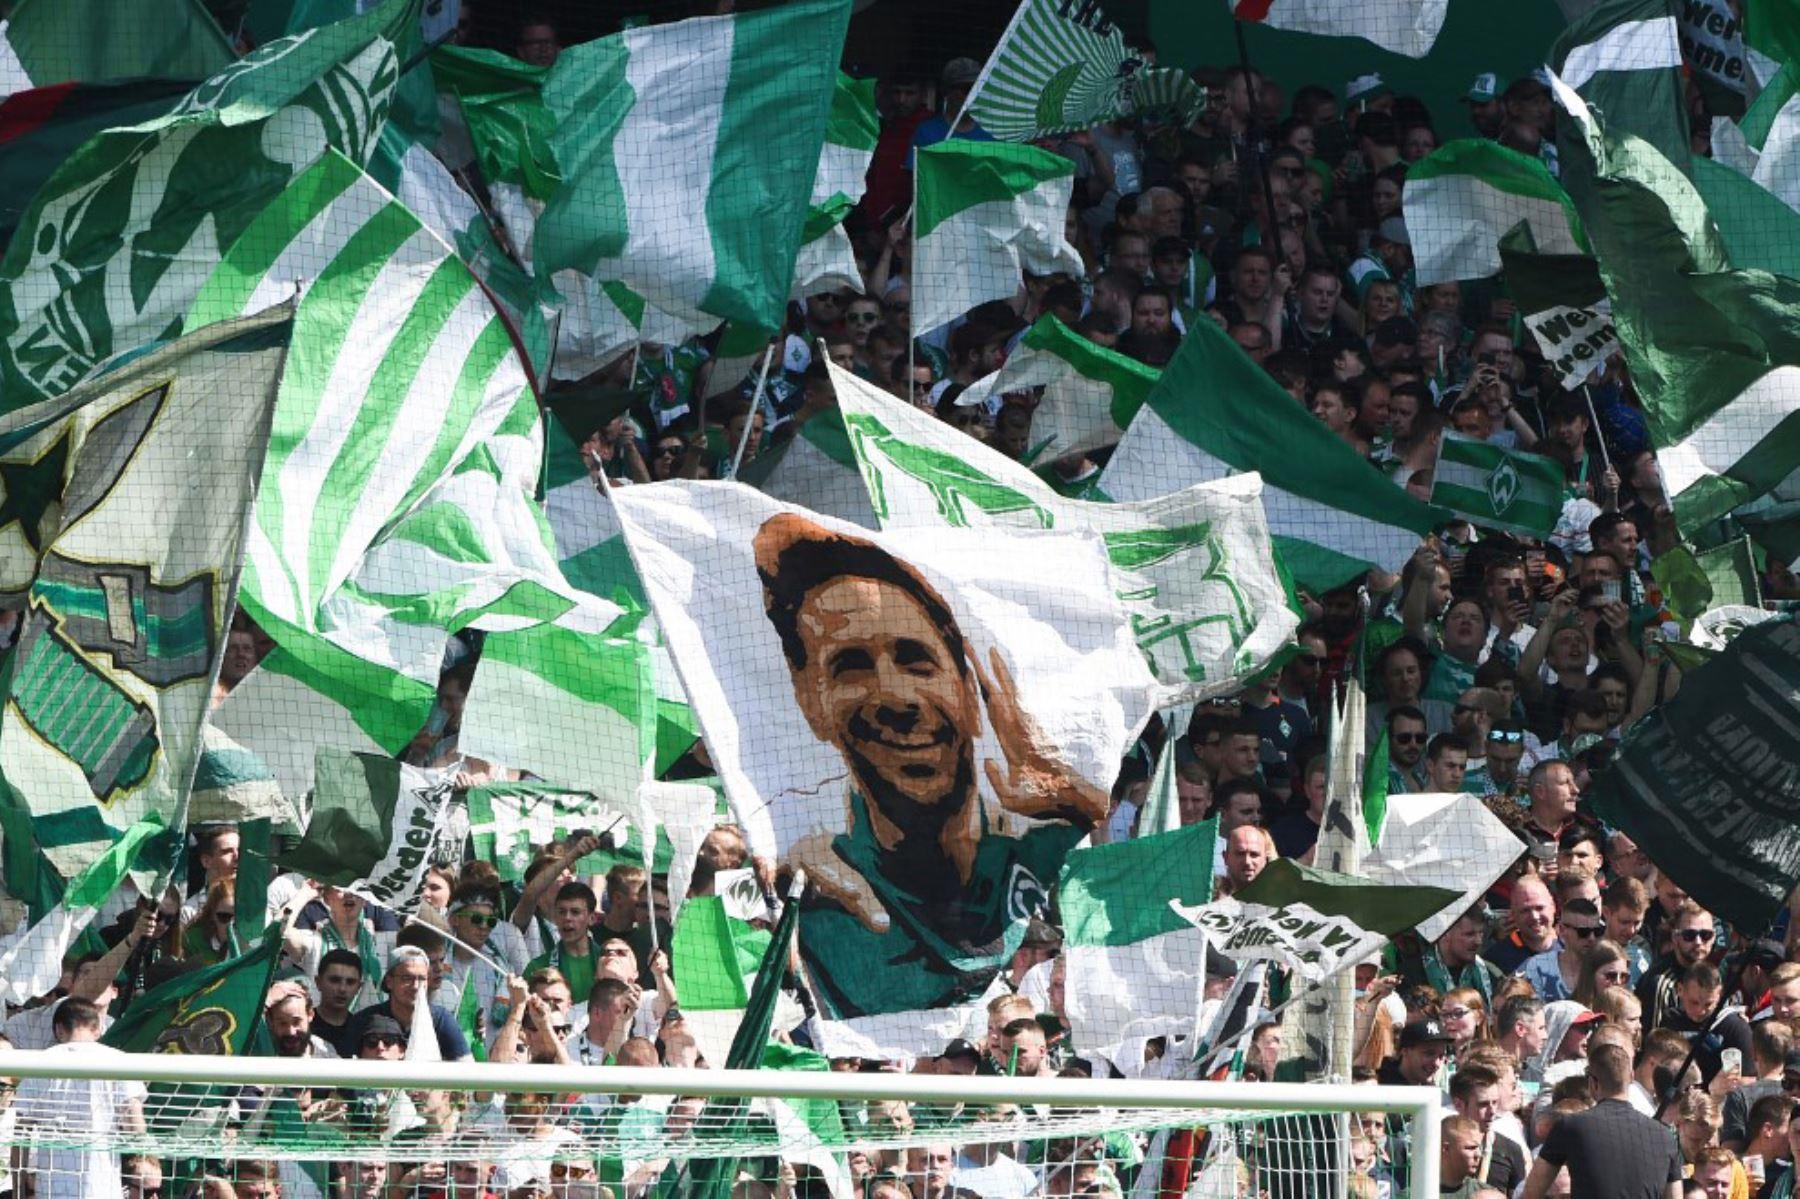 Los partidarios de Bremen ondean una bandera con una imagen del delantero peruano de Bremen Claudio Pizarro durante el partido de fútbol de la Bundesliga de la primera división alemana entre Werder Bremen y RB Leipzig en Bremen, Alemania occidental. Foto: AFP